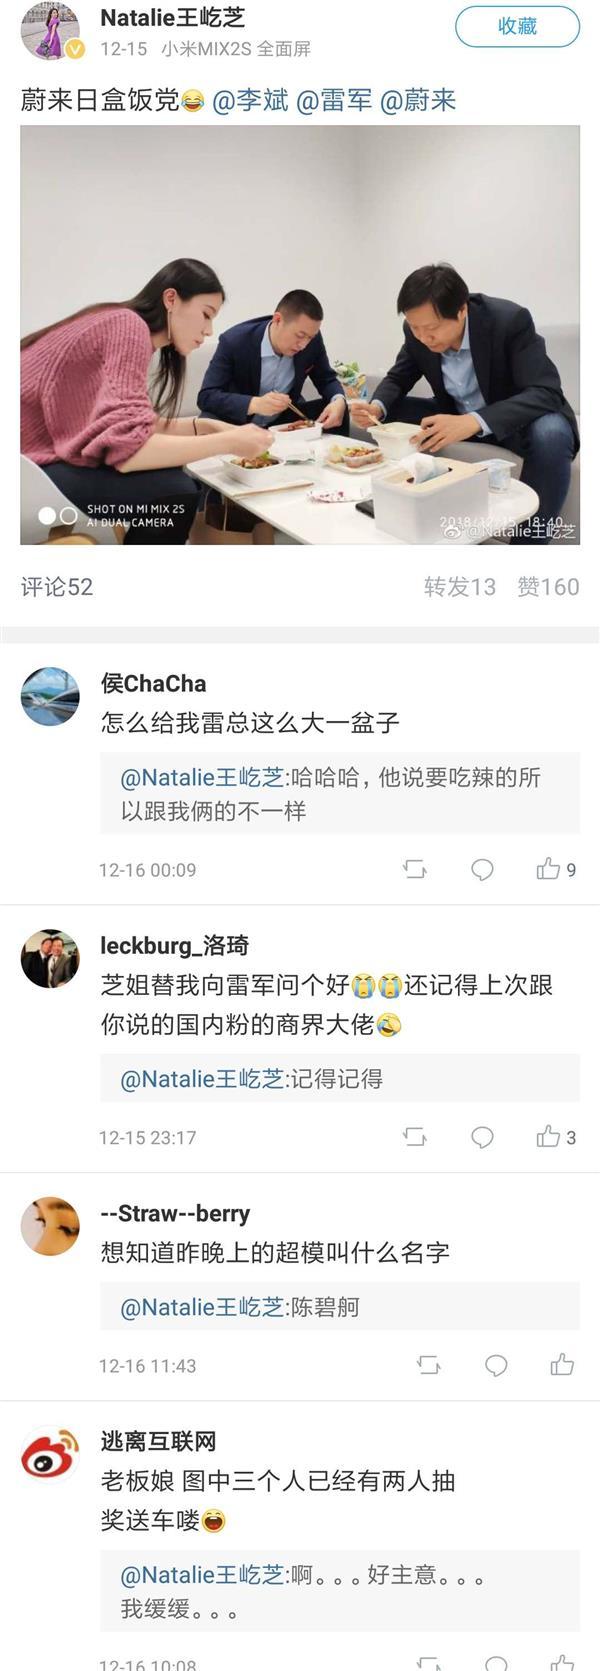 雷军参加蔚来ES6发布会:李斌夫妇请吃盒饭的照片 - 2